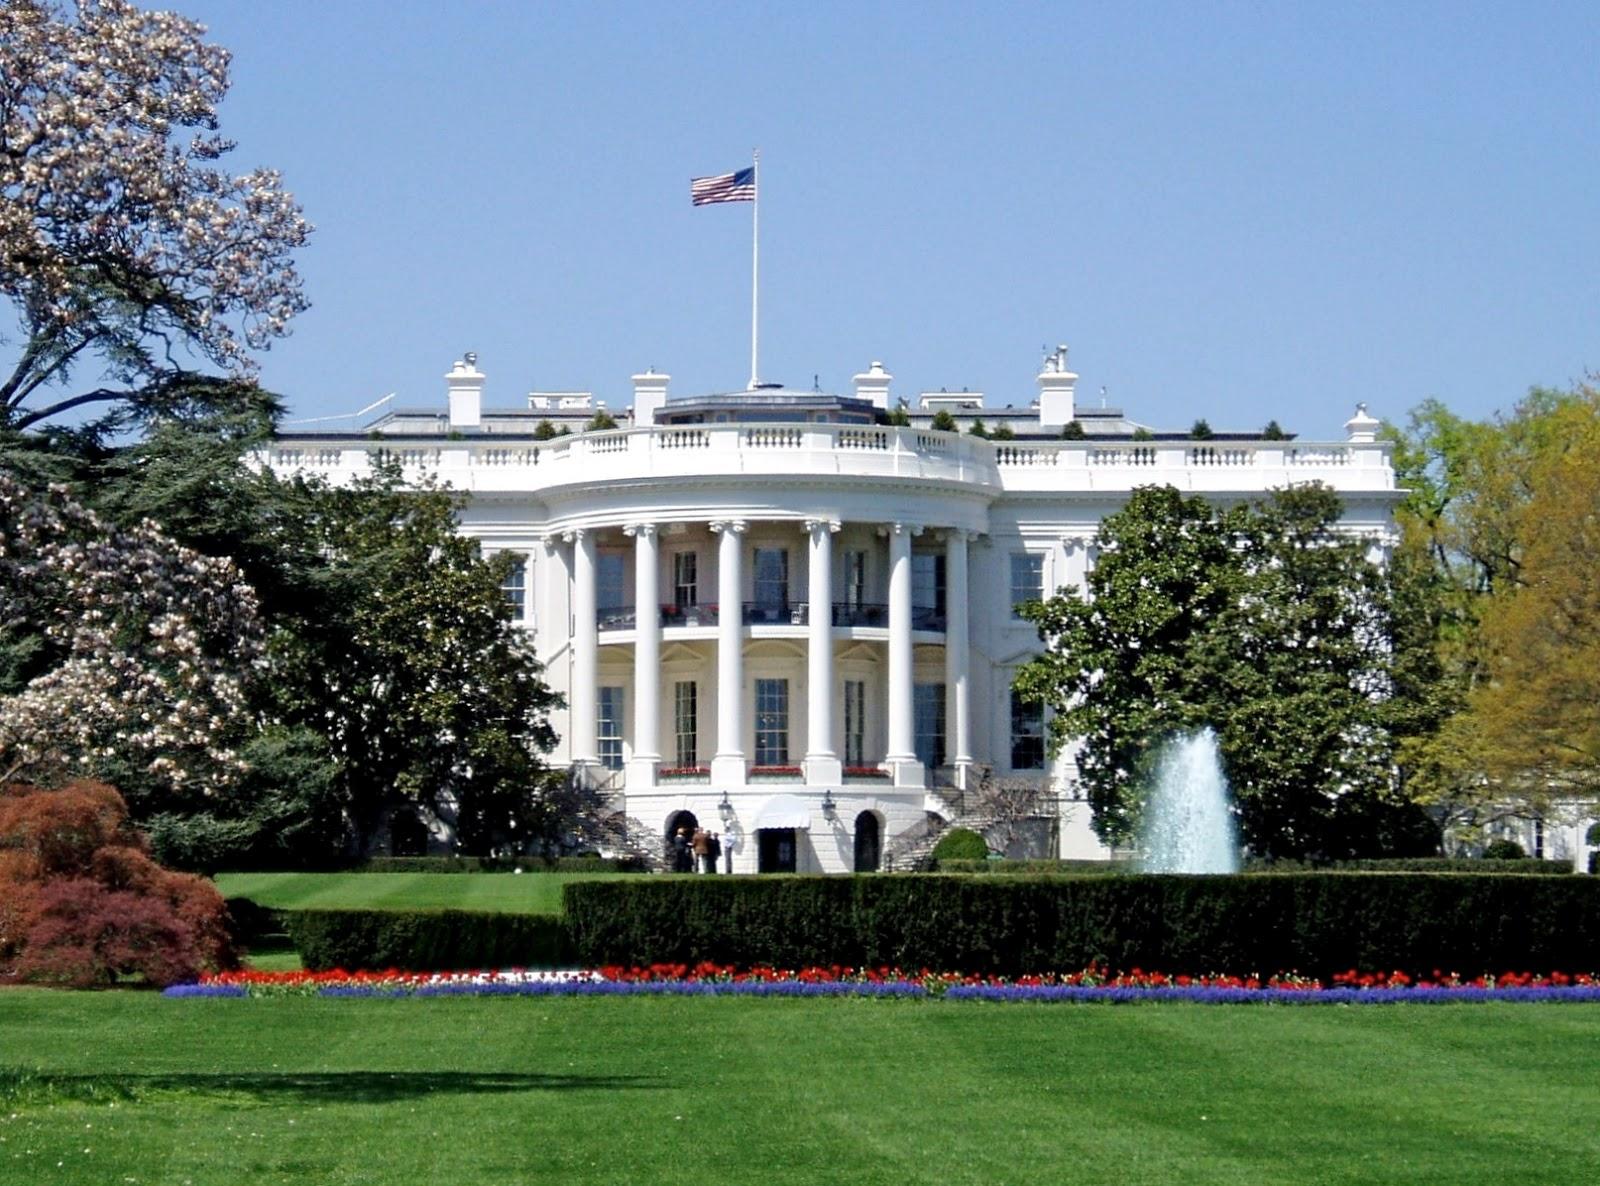 White House Pictures Free Stock Photos  Free Stock Photos